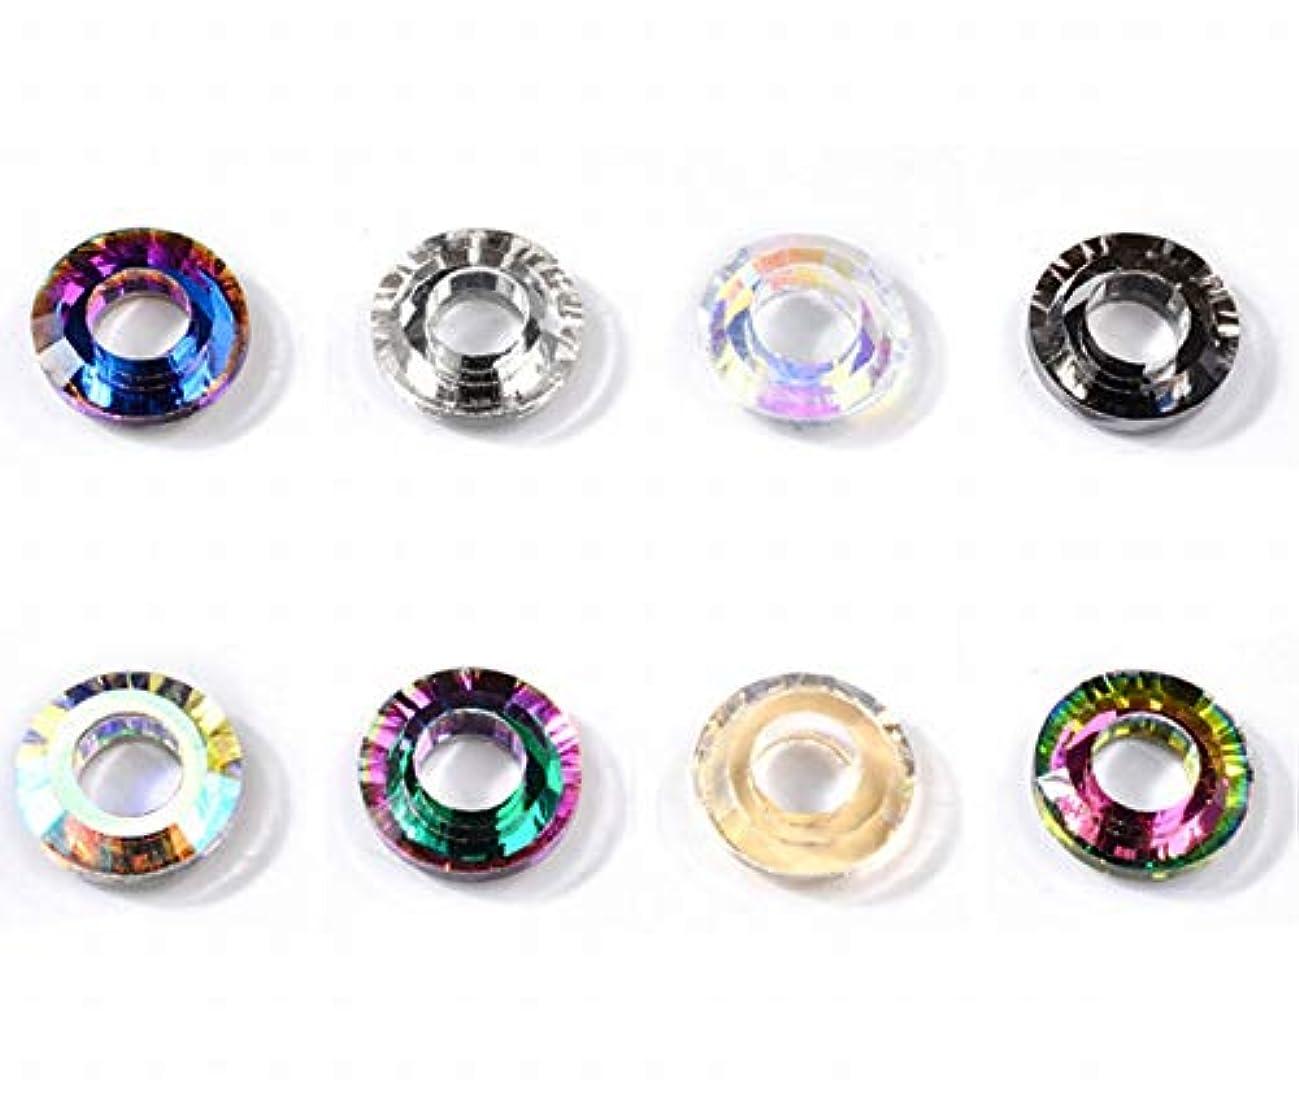 伝導率スツール債務Tianmey クリスタルラインストーンラウンドガラスラインストーン、ネイルアート、服、顔、宝飾品、工芸フラットバックラインストーンの宝石クリスタル